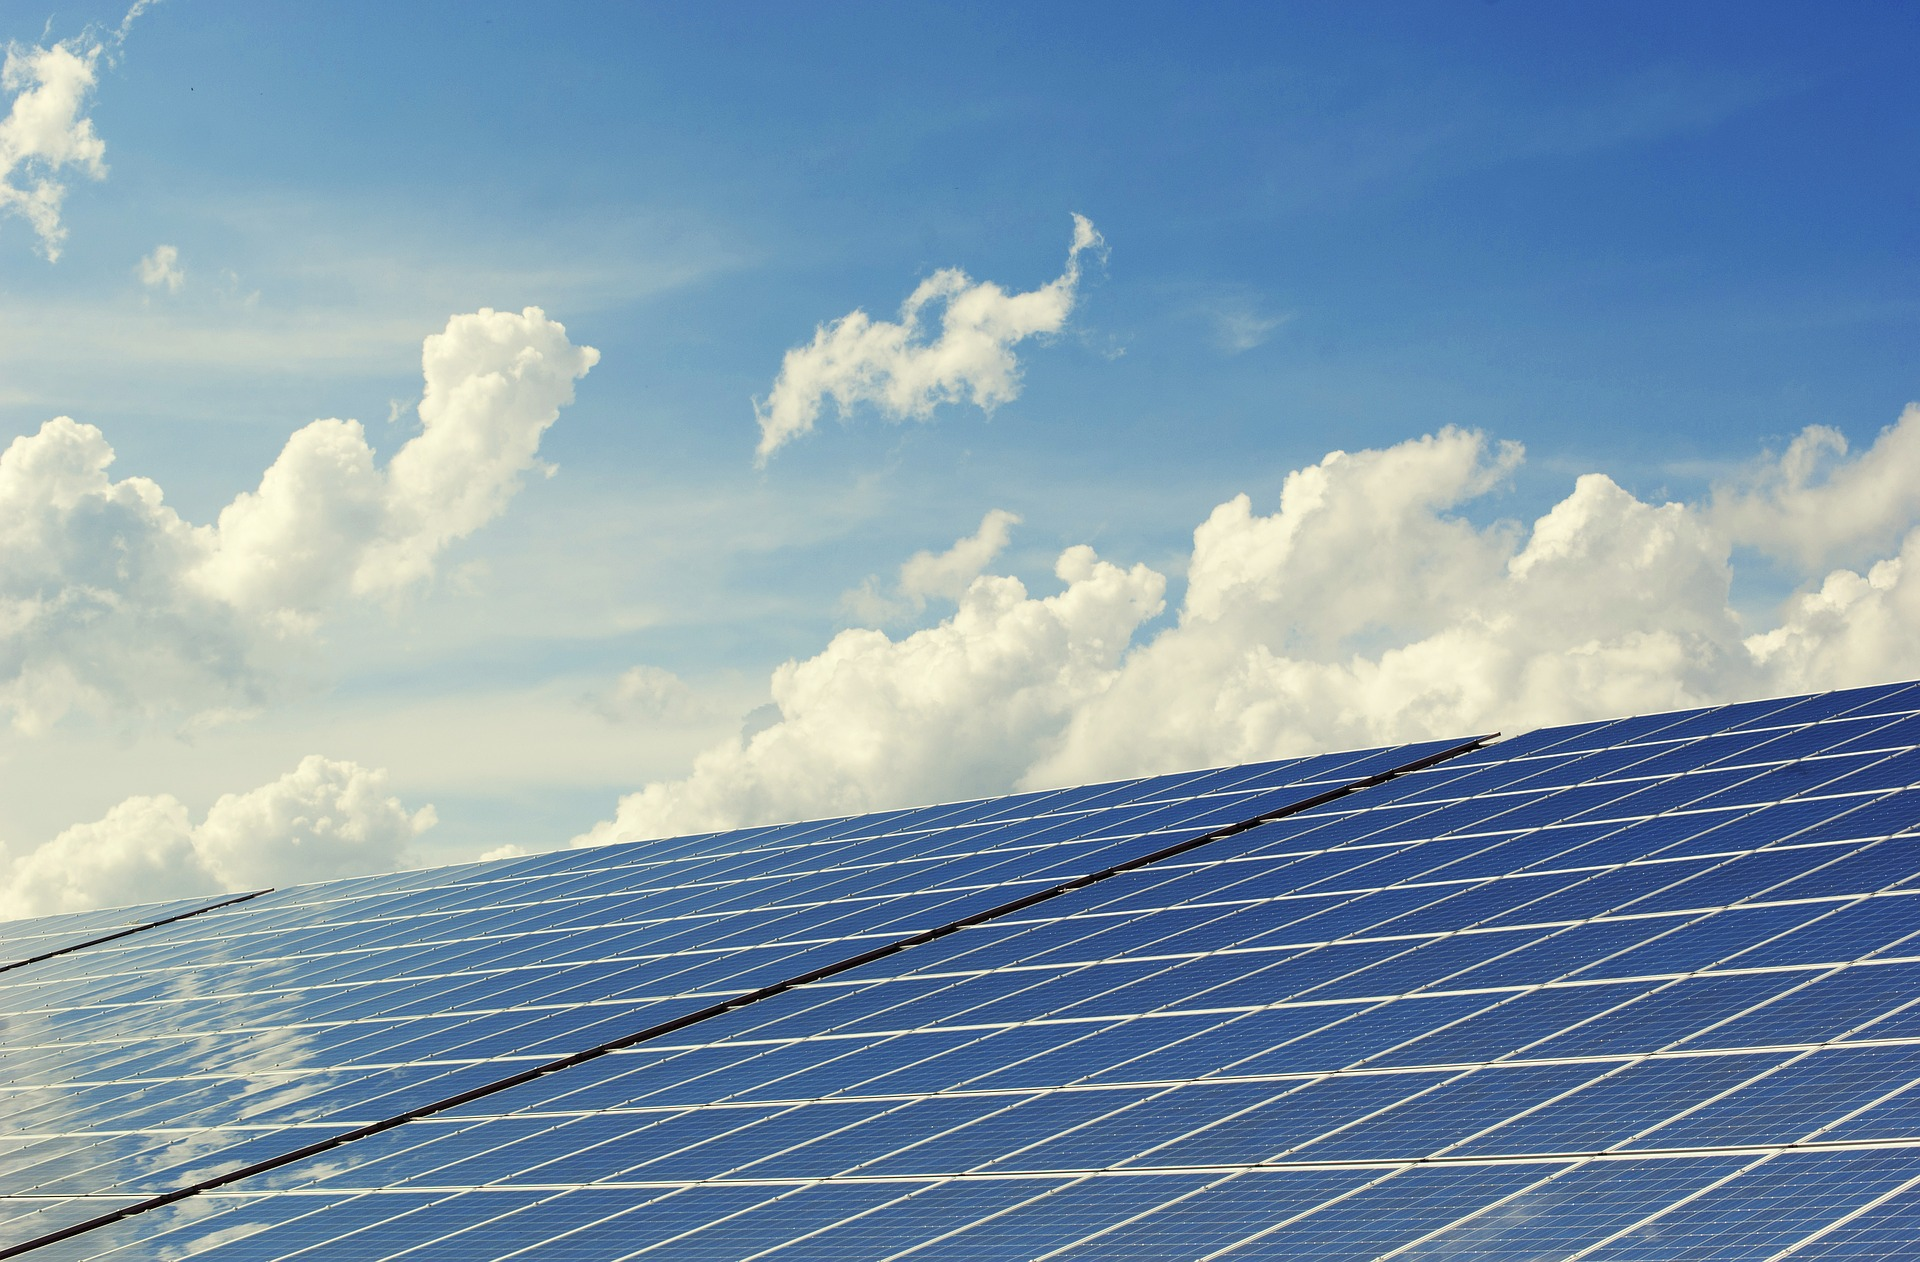 НКРЕКП встановила нові «зелені» тарифи для домашніх сонячних і вітрових станцій